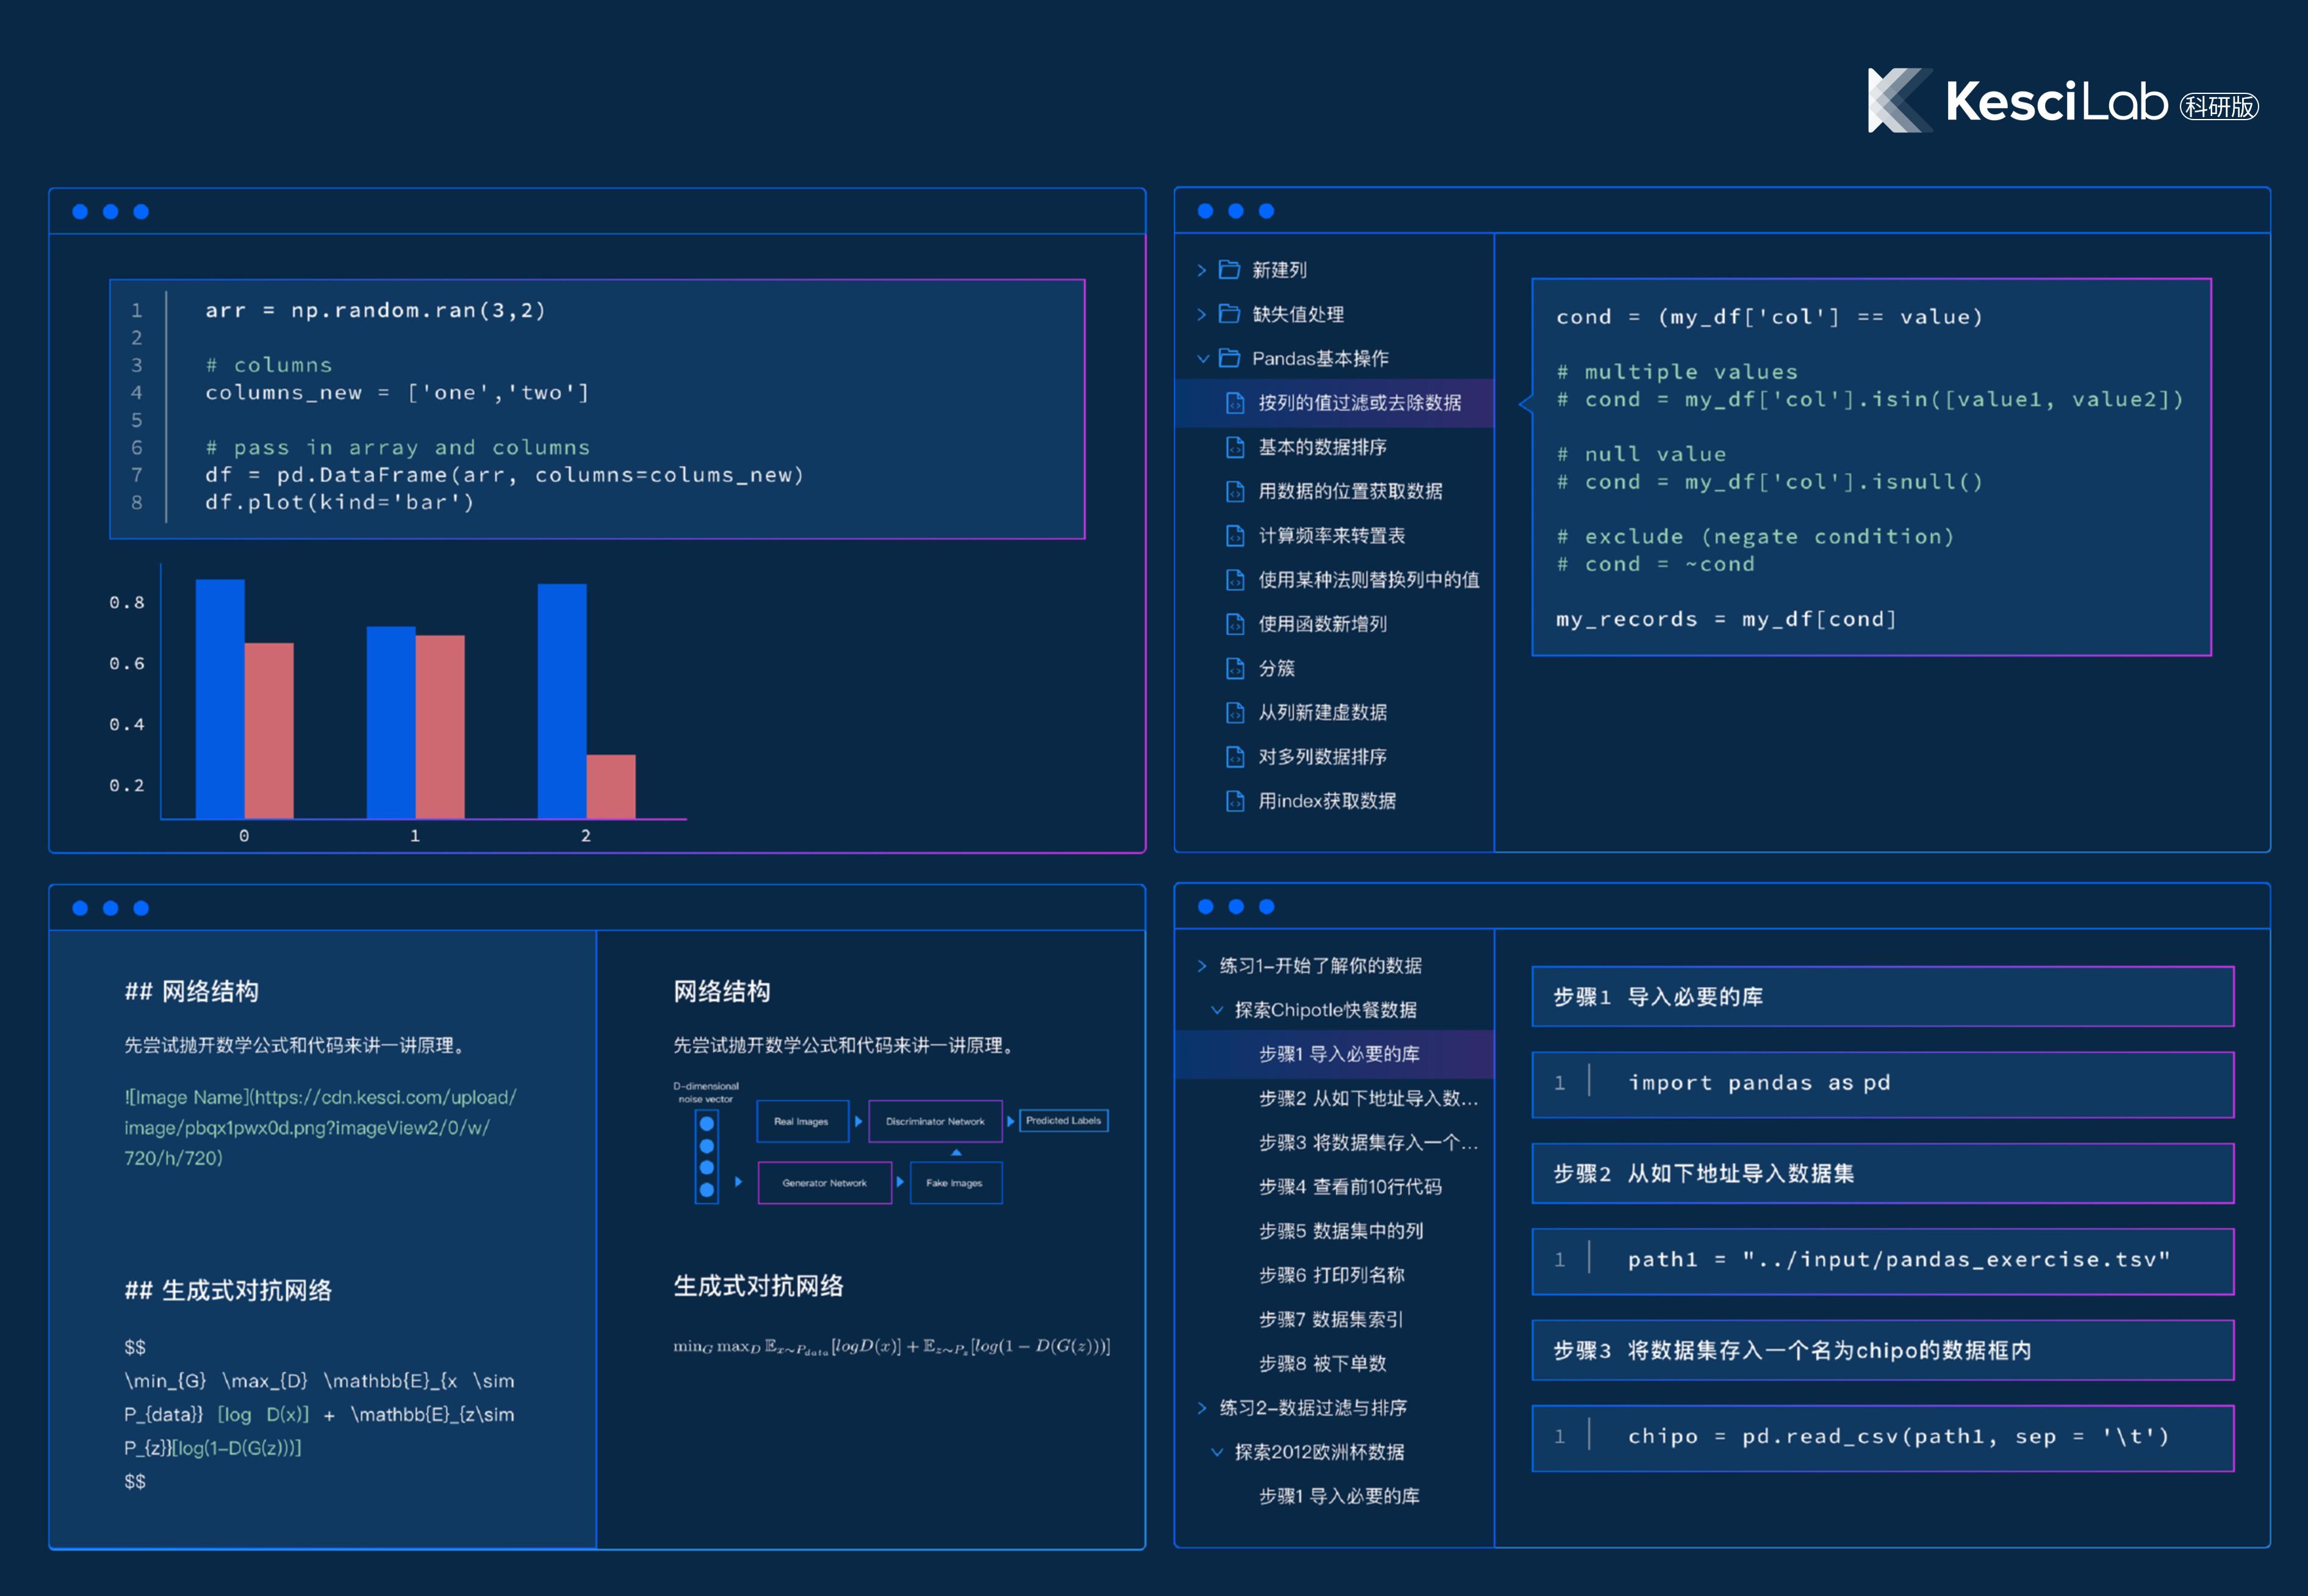 免费试用 | 和鲸科技Kescilab科研版:极大提升数据科研工作效率